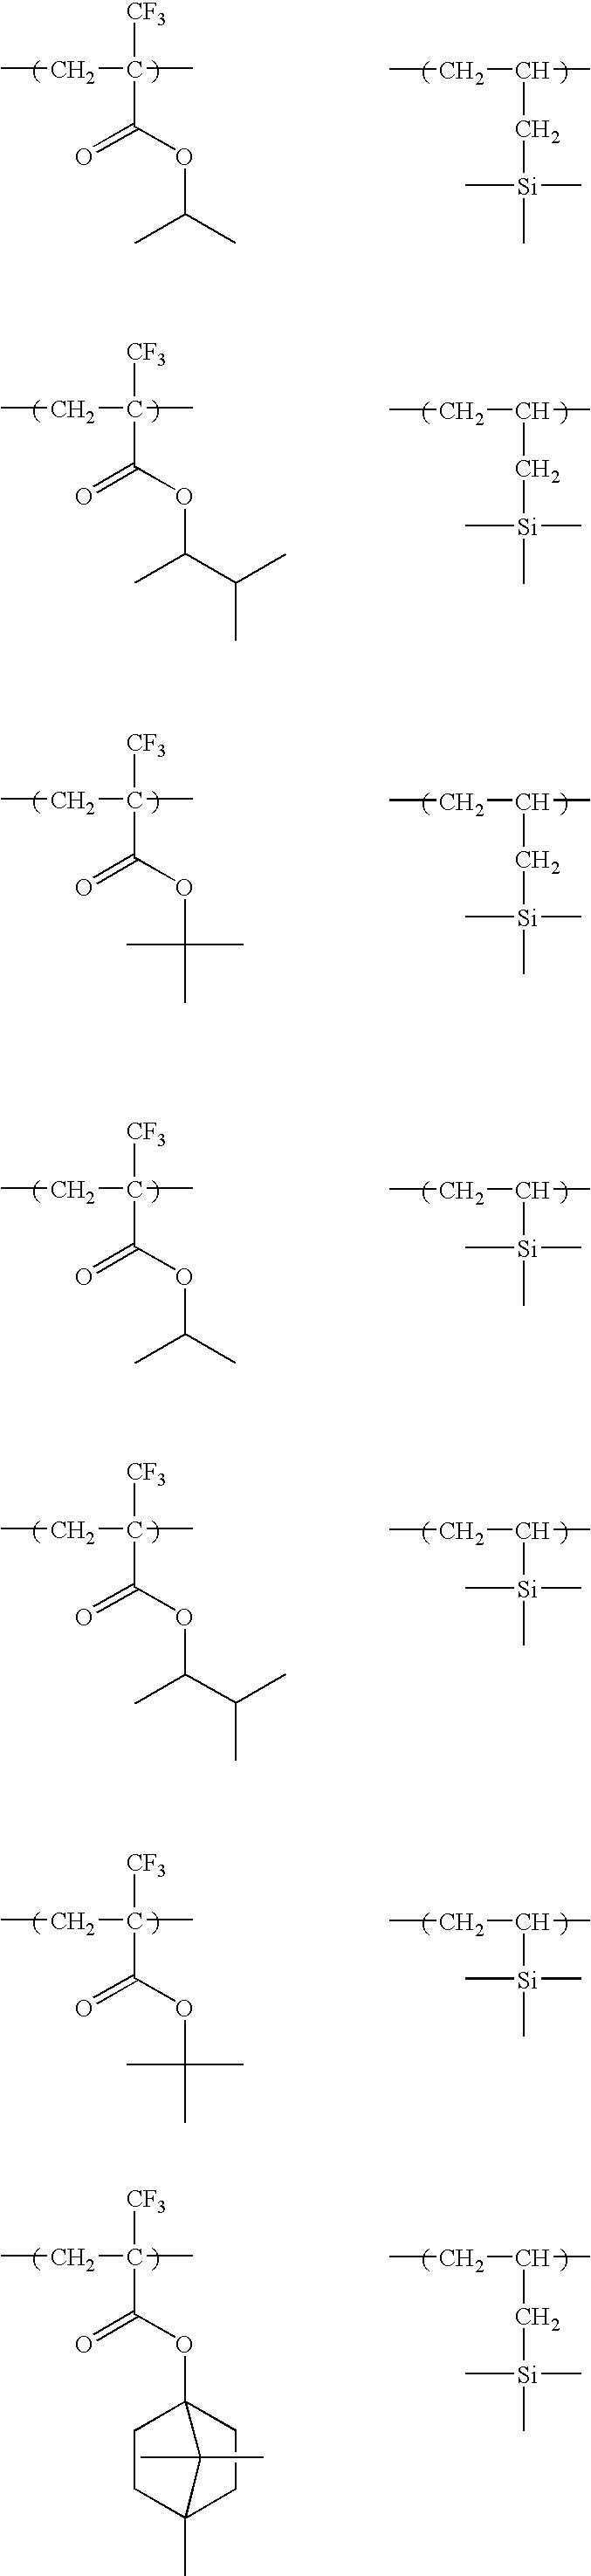 Figure US08530148-20130910-C00081